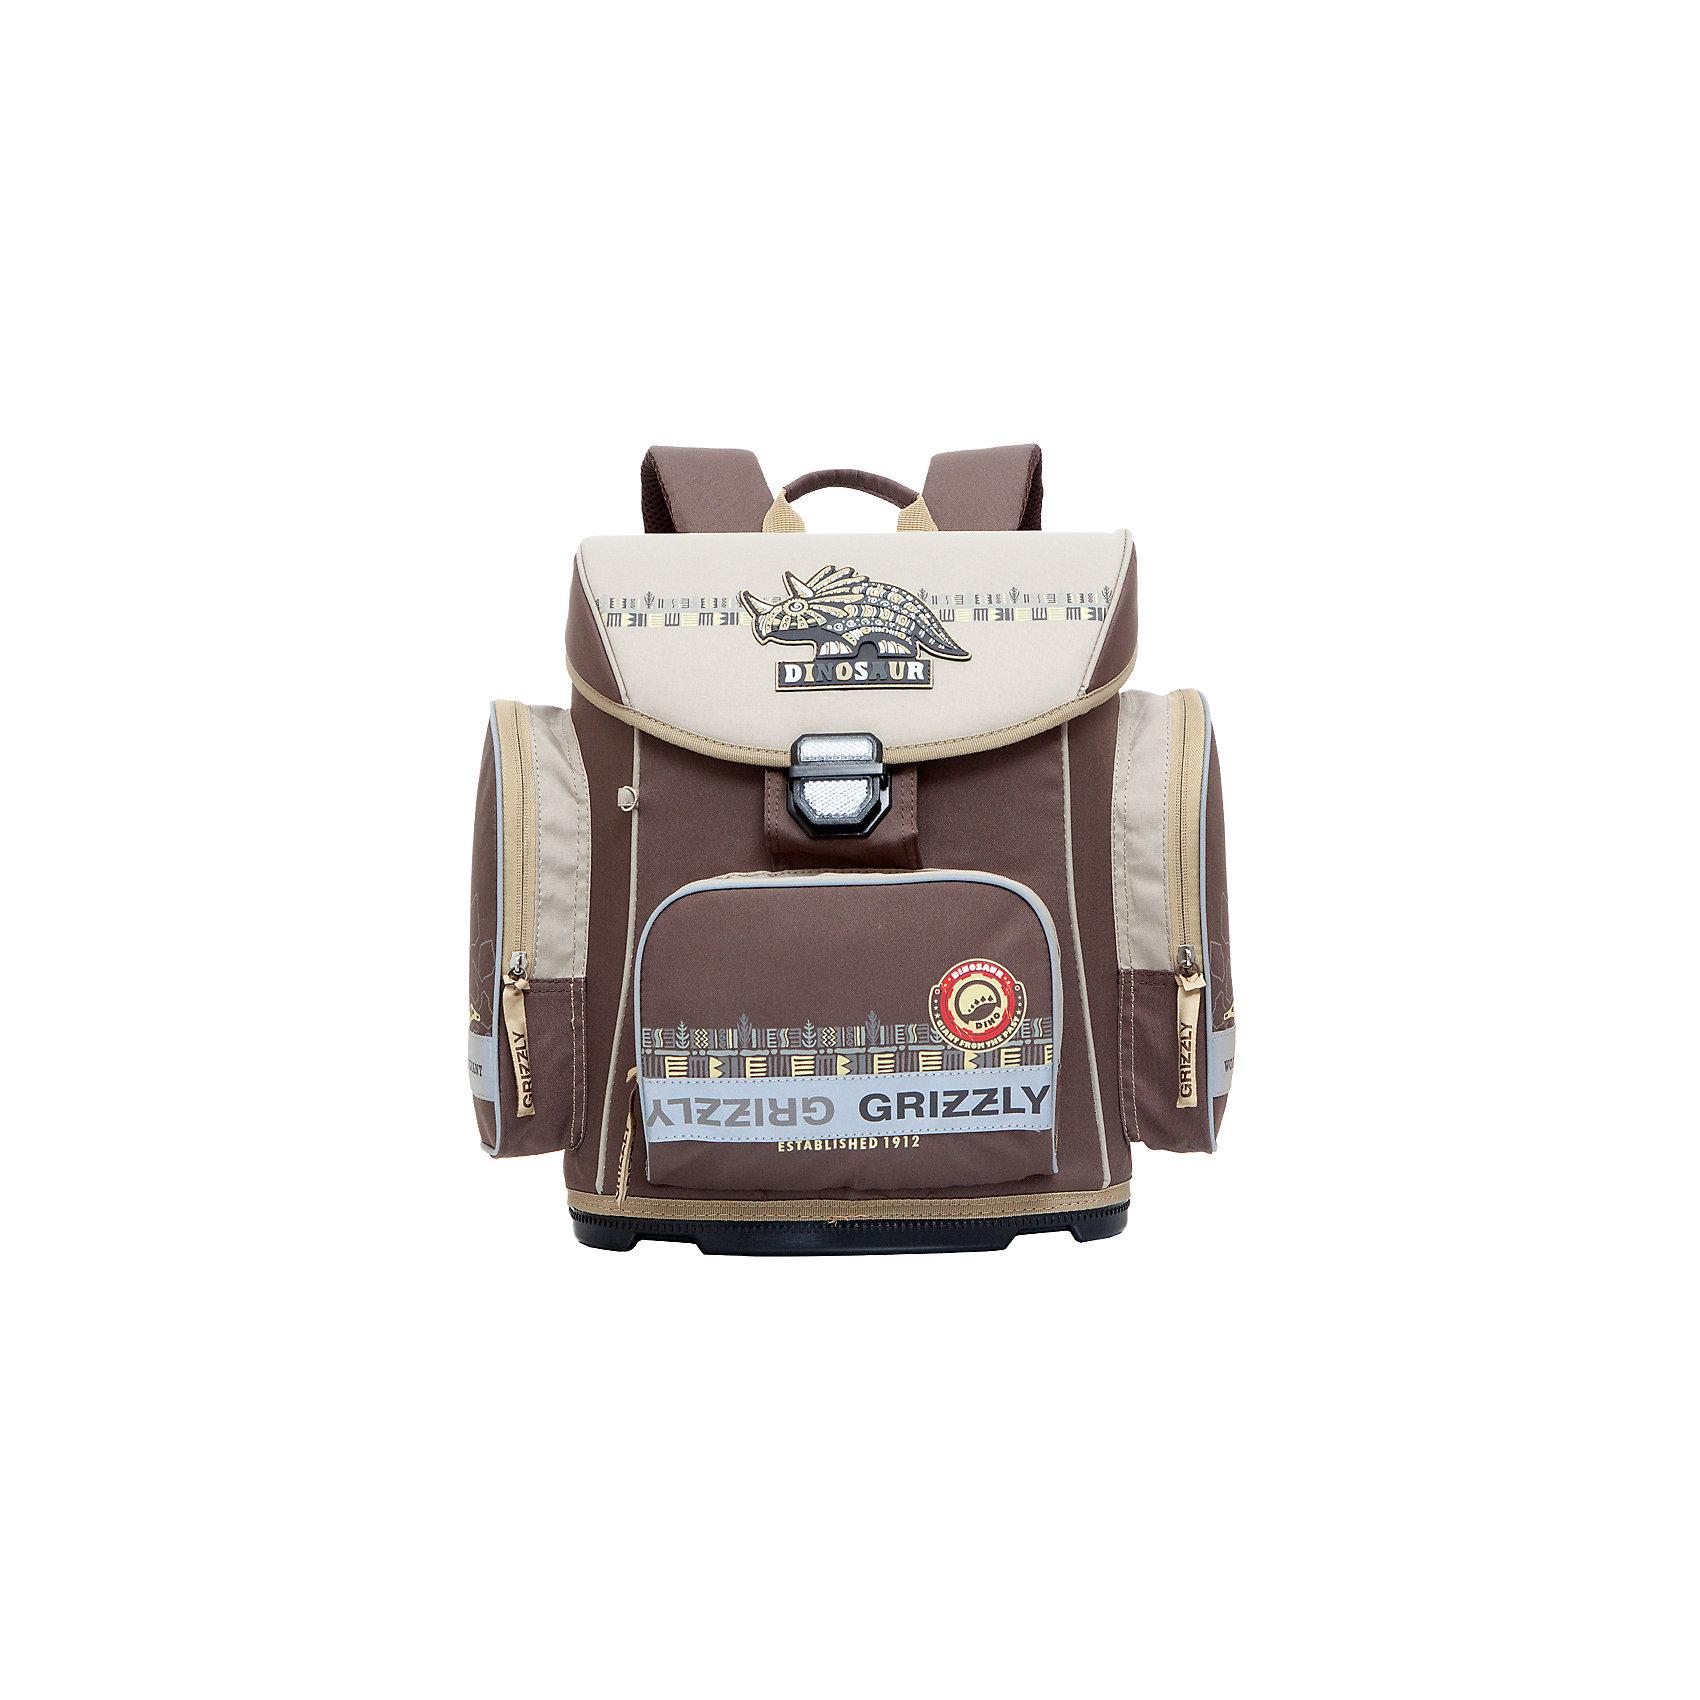 Ранец Grizzly без наполнения, коричневыйРанцы<br>Рюкзак, одно отделение, твердый клапан, объемный карман на молнии на передней стенке, объемные боковые карманы на молнии, внутренний карман на молнии, пластиковое формованное дно, разделительная перегородка-органайзер, жесткая анатомическая спинка, дополнительная ручка-петля, укрепленные лямки с возможностью регулировки размера под рост, брелок-катафот, светоотражающие элементы с четырех сторон<br><br>Ширина мм: 340<br>Глубина мм: 190<br>Высота мм: 380<br>Вес г: 983<br>Возраст от месяцев: 72<br>Возраст до месяцев: 96<br>Пол: Мужской<br>Возраст: Детский<br>SKU: 6939803